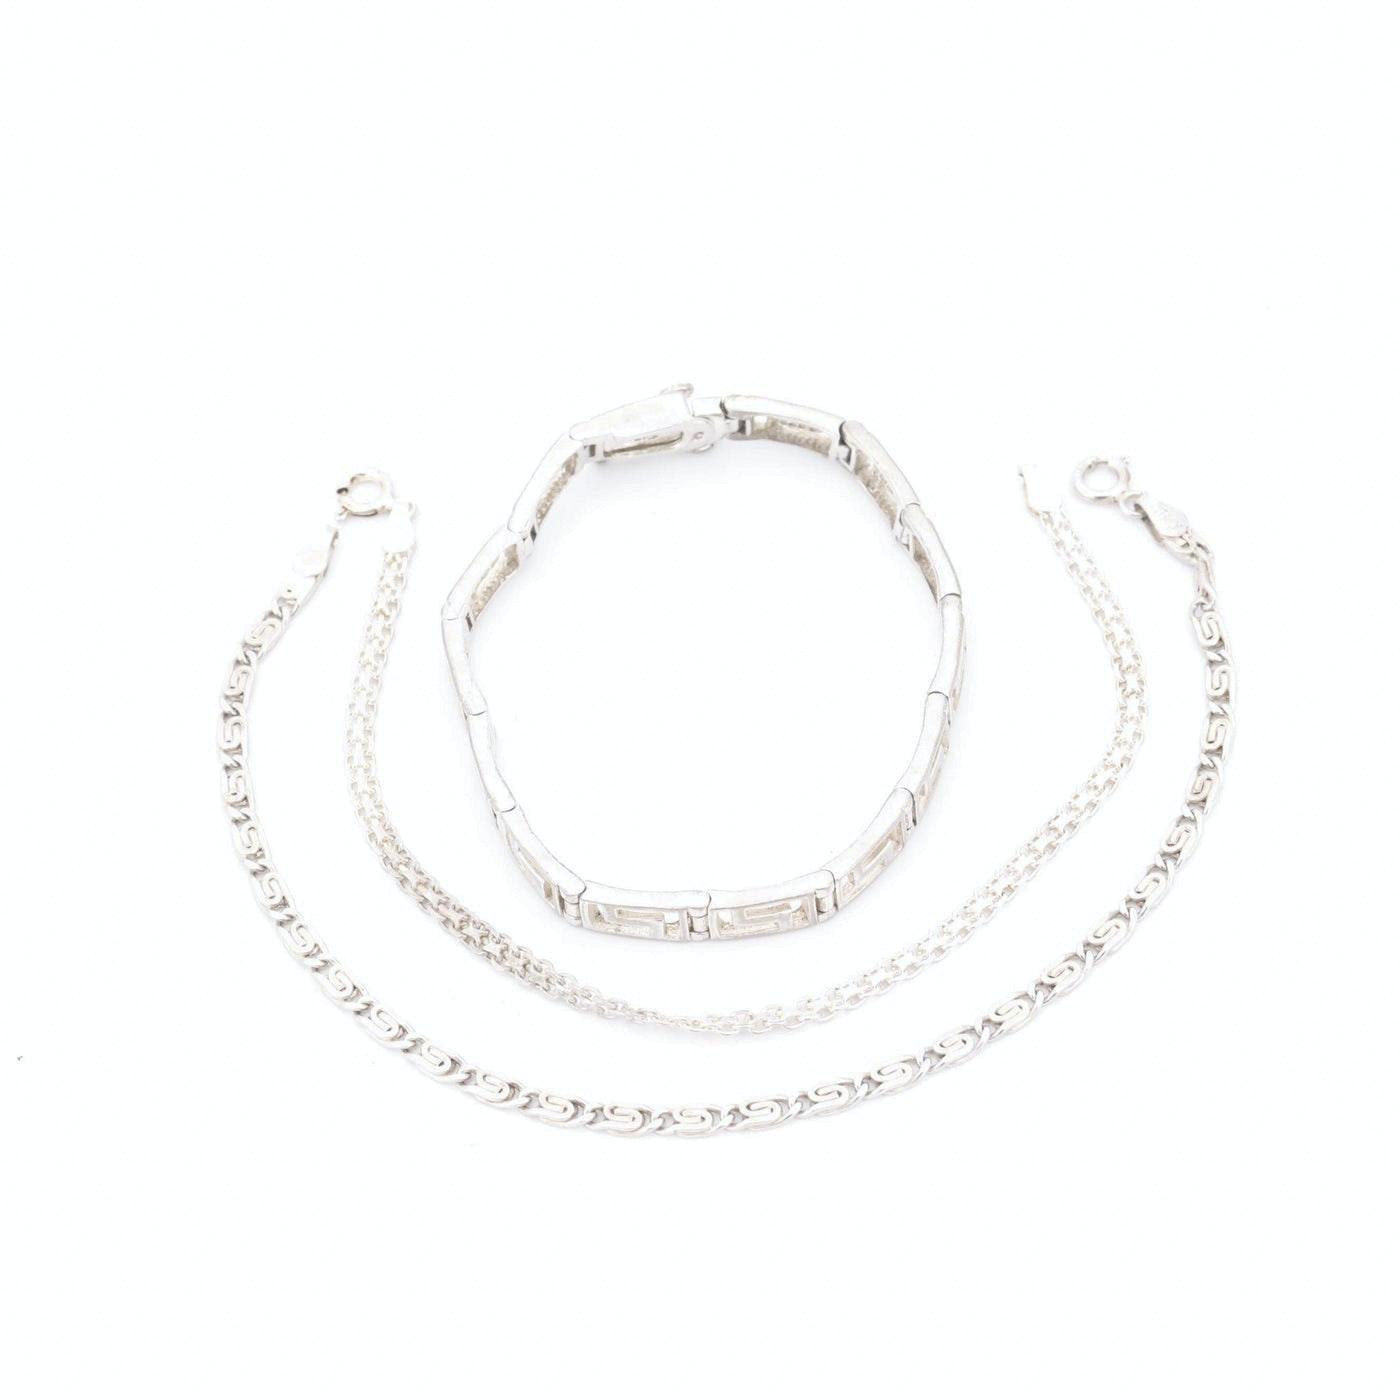 Italian Sterling Silver Bracelets